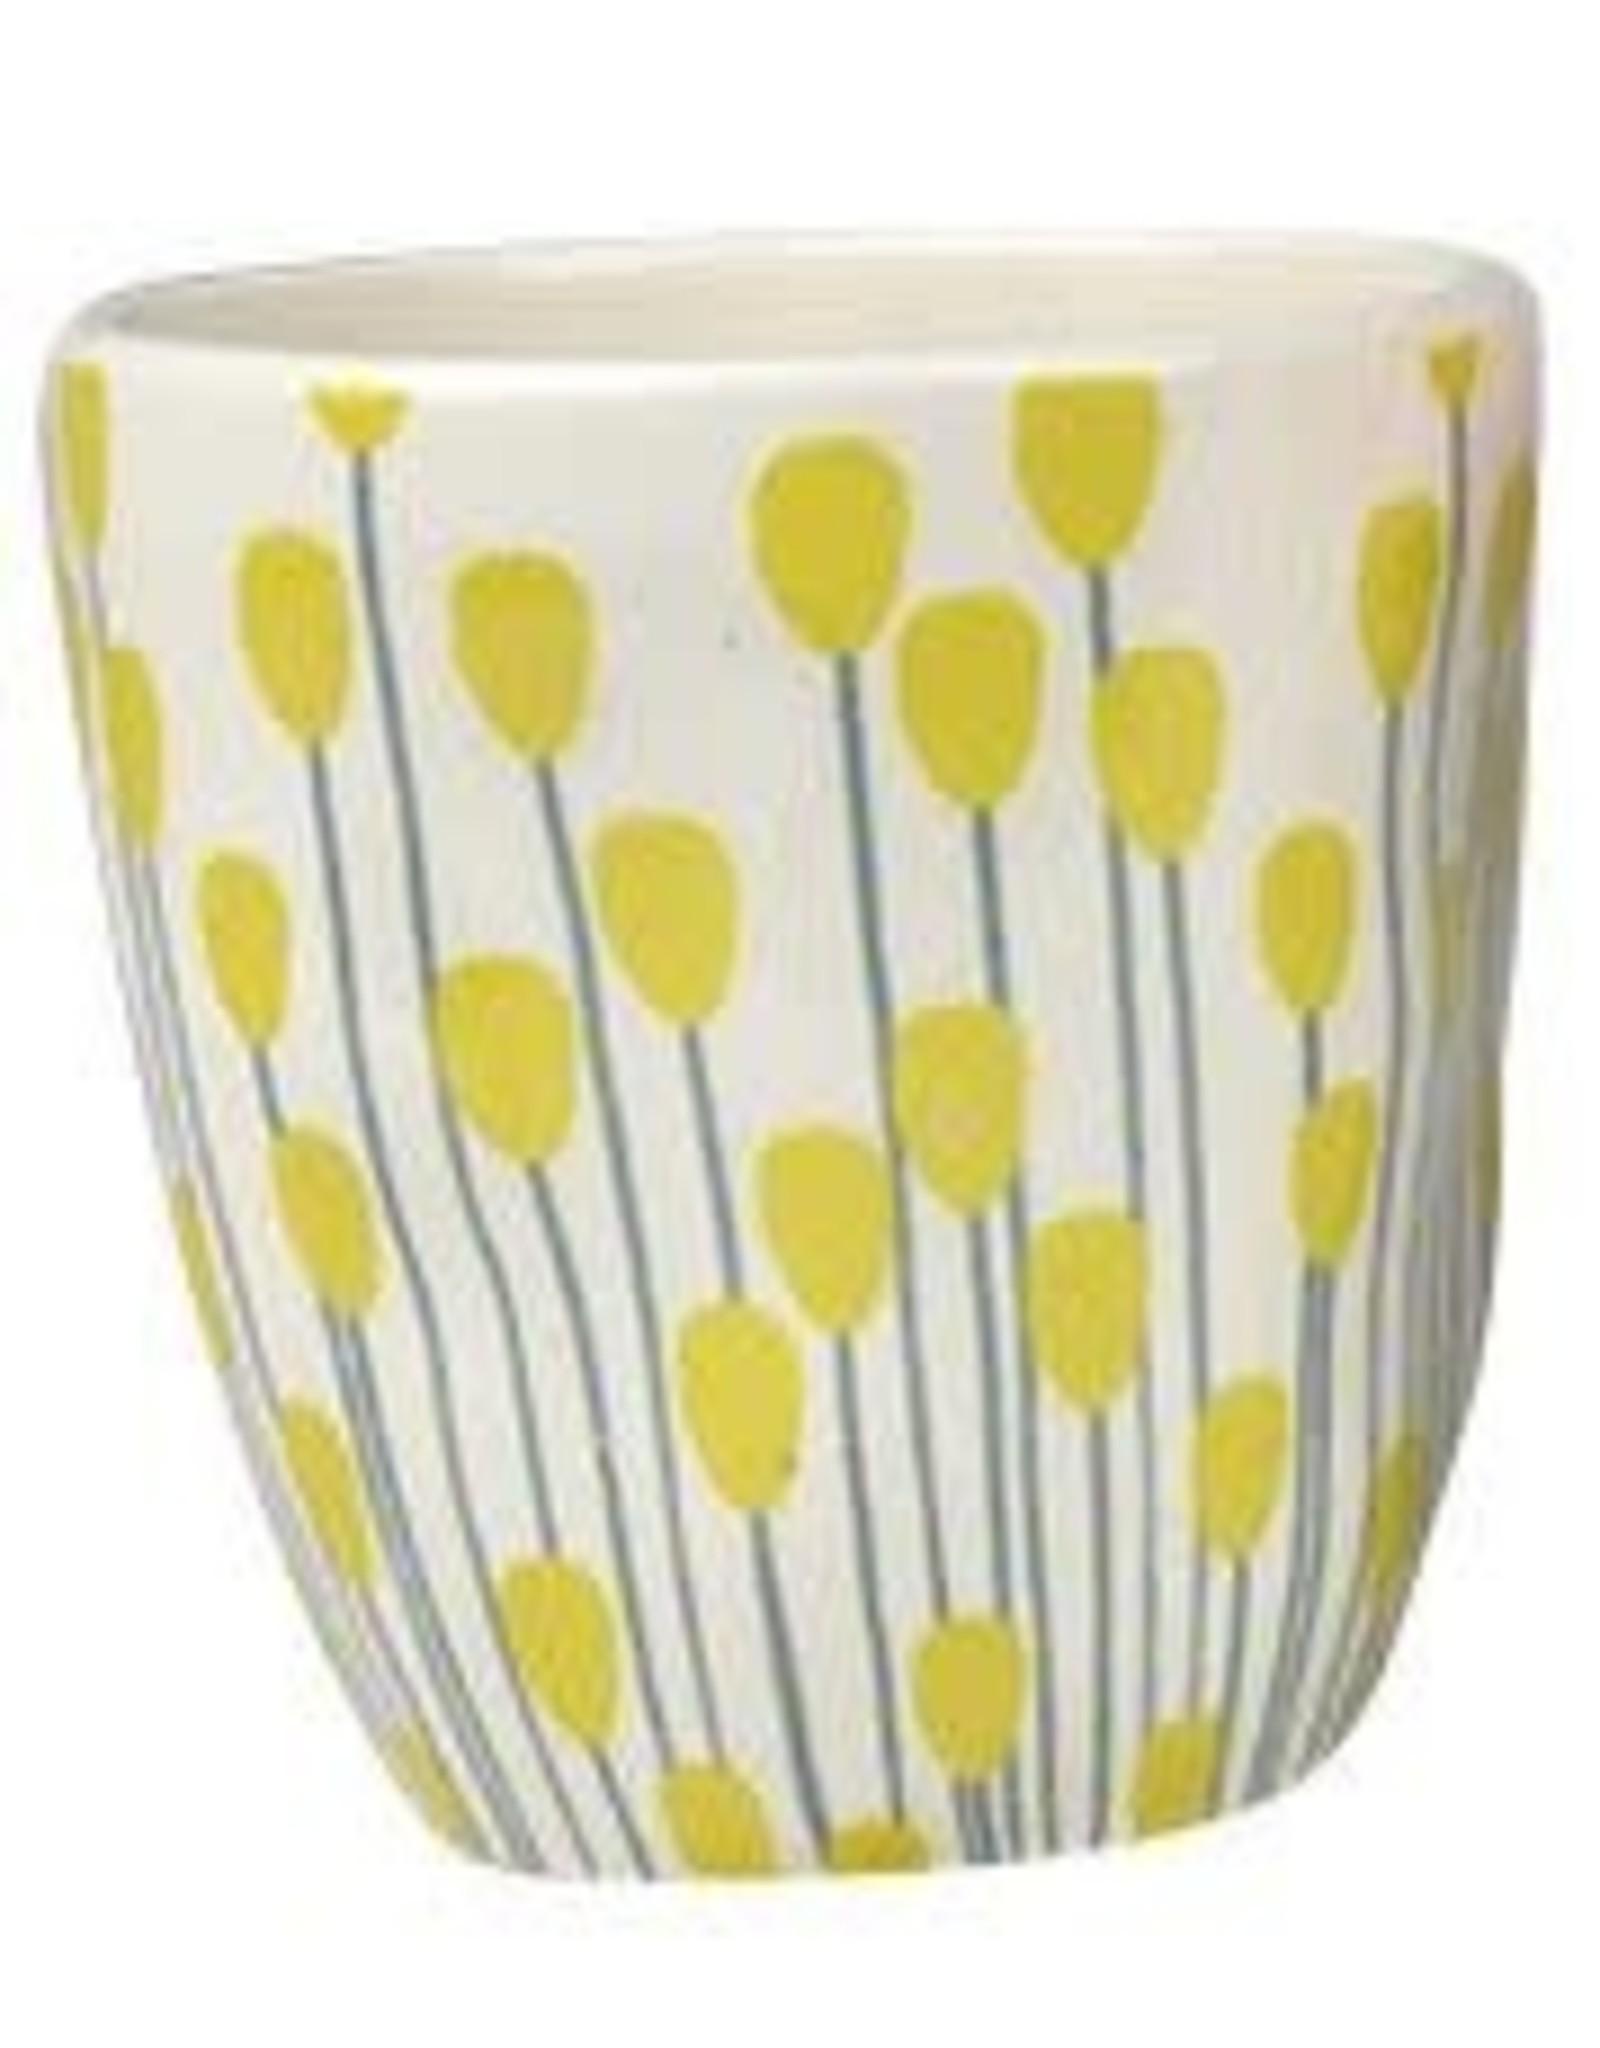 Bijoix Ceramic Pots 12 x 12.5cm